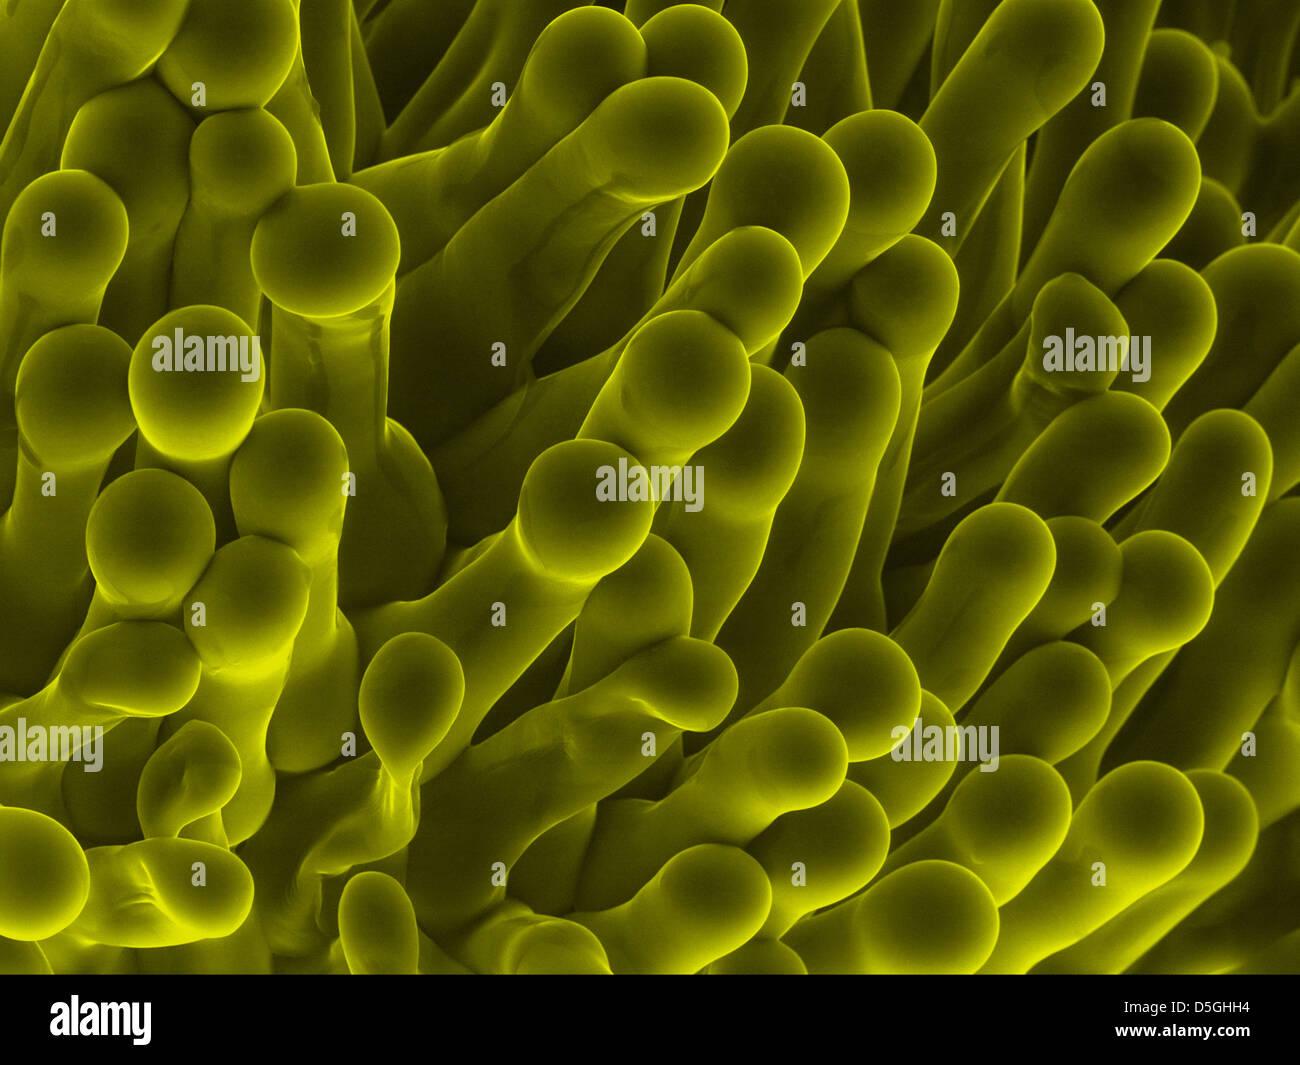 Lo Stigma di African Violet (saintpaulia) fiore, microscopia elettronica a scansione Immagini Stock